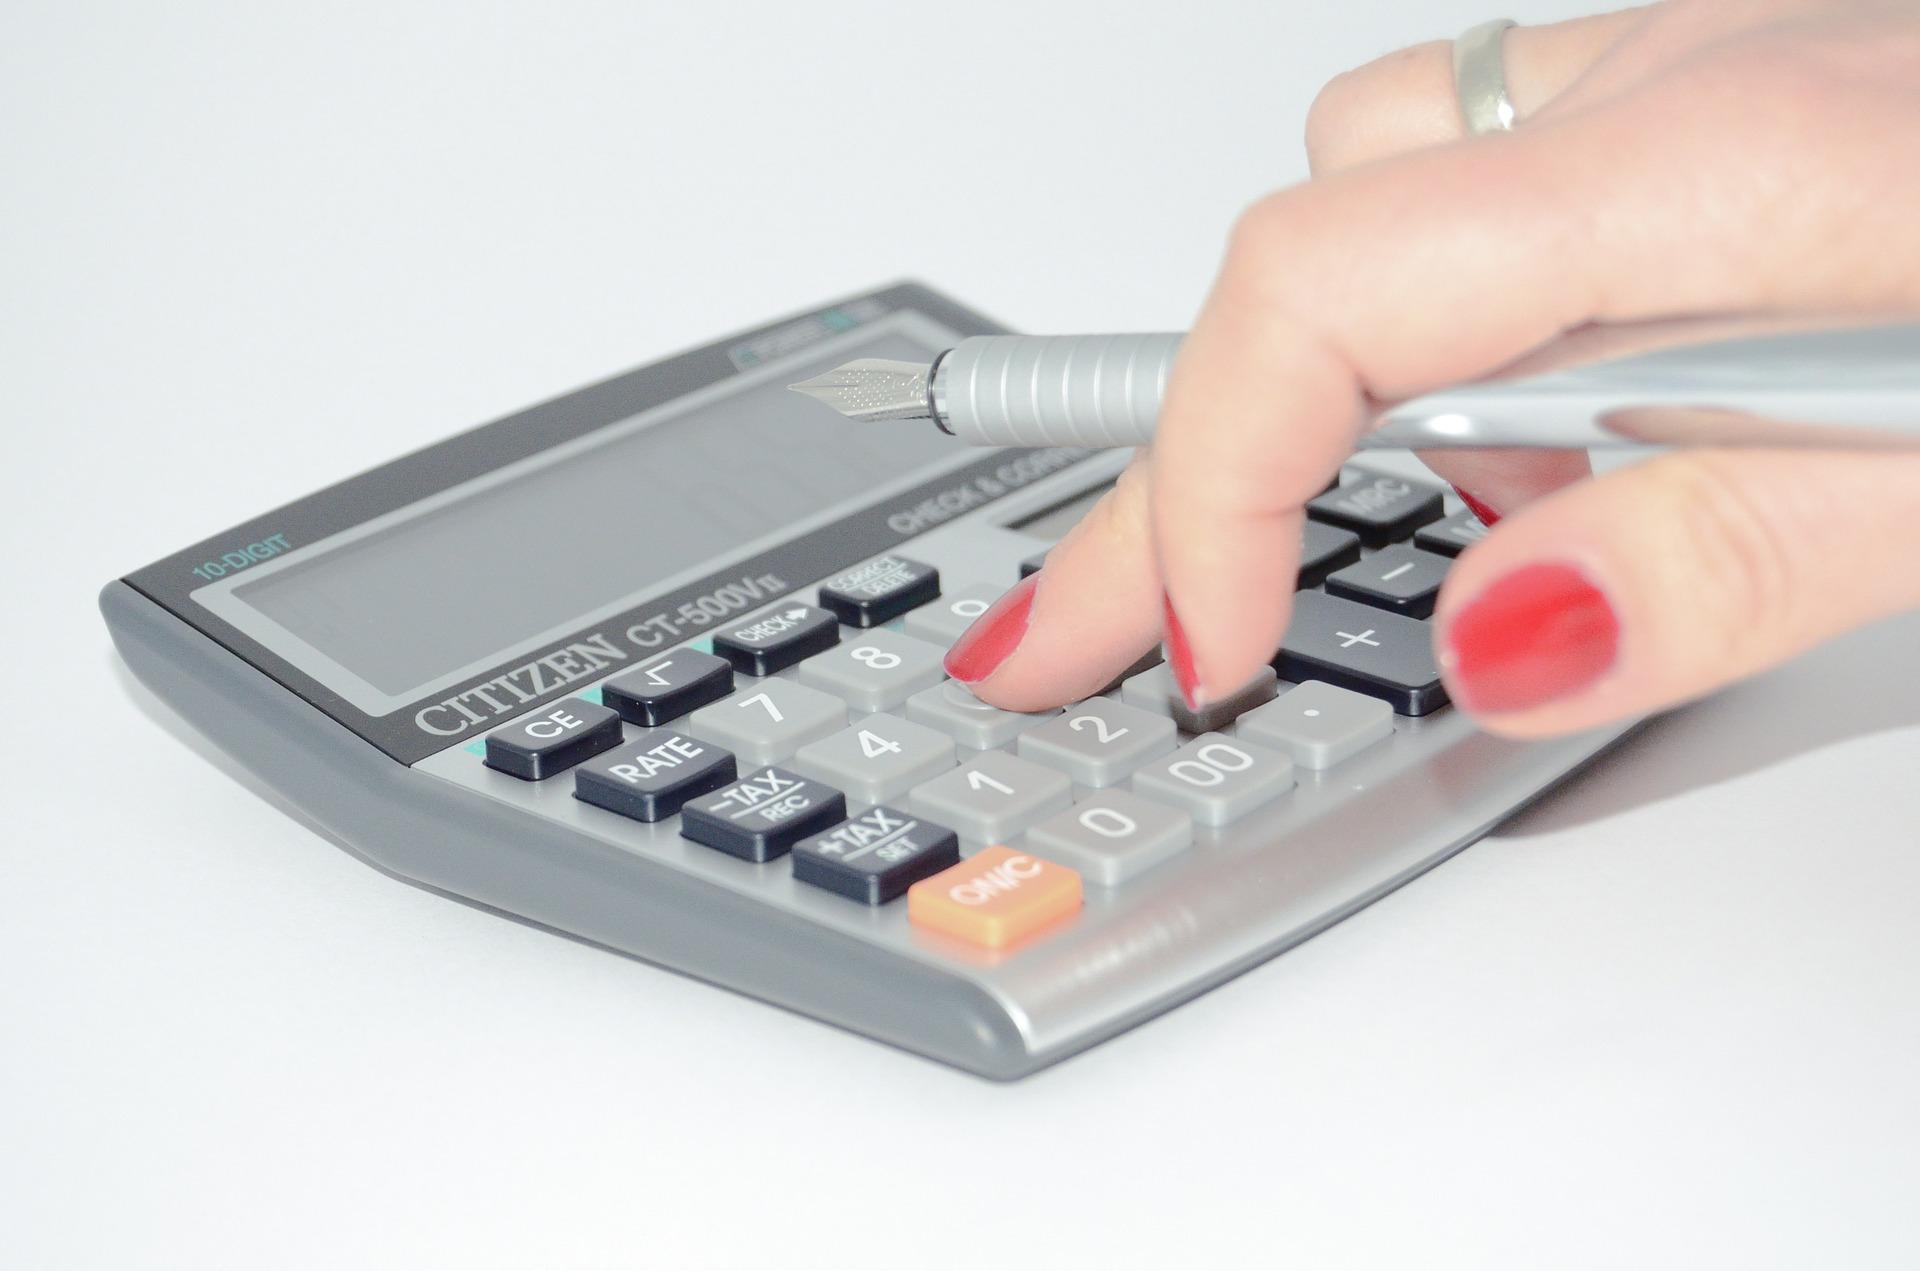 高額医療・高額介護合算制度とは?詳細をわかりやすく解説